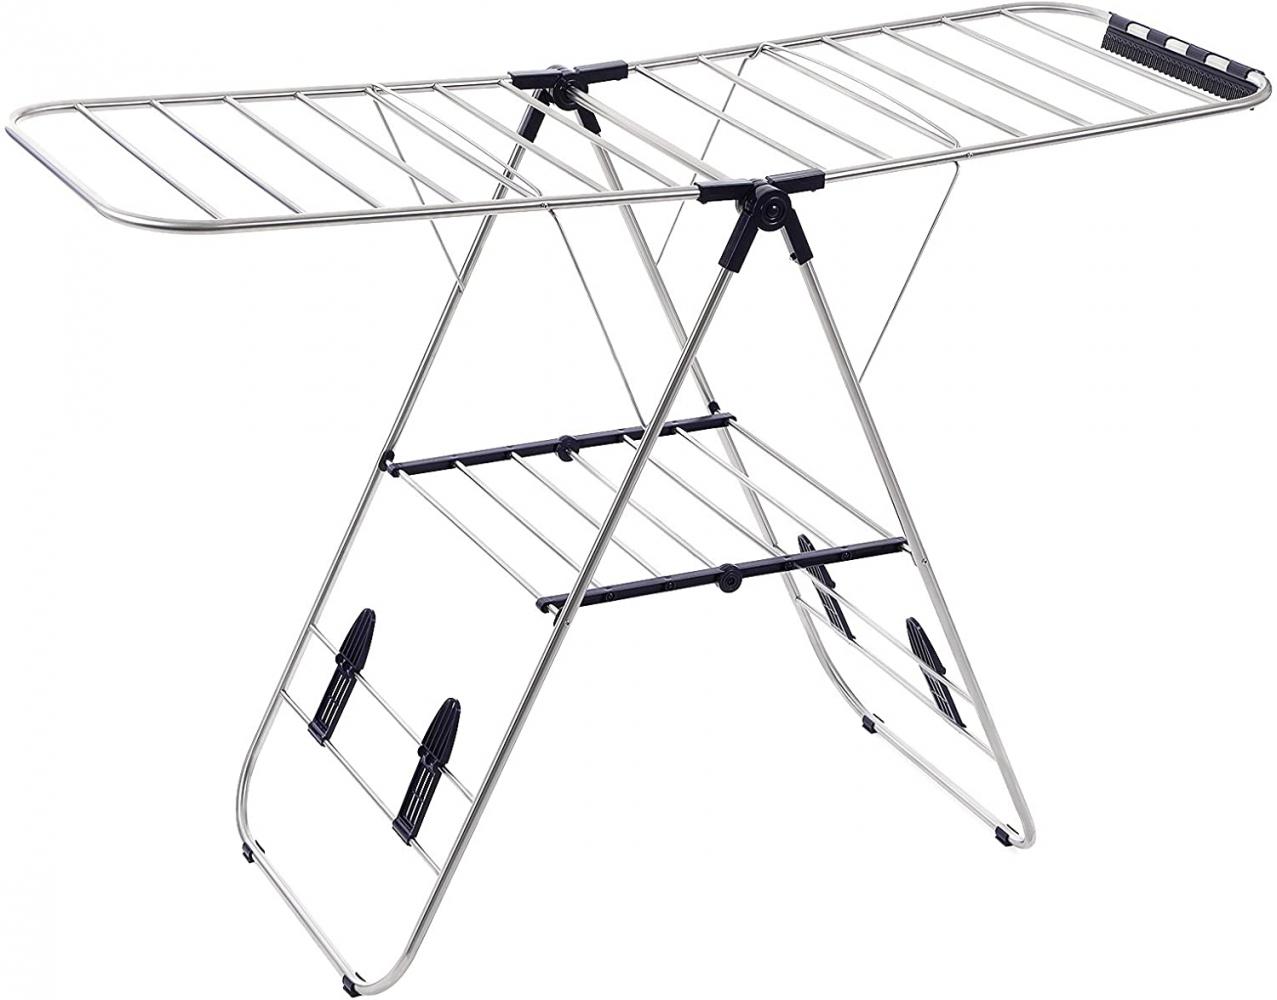 Věšák na prádlo Lerry, 147 cm, stříbrná